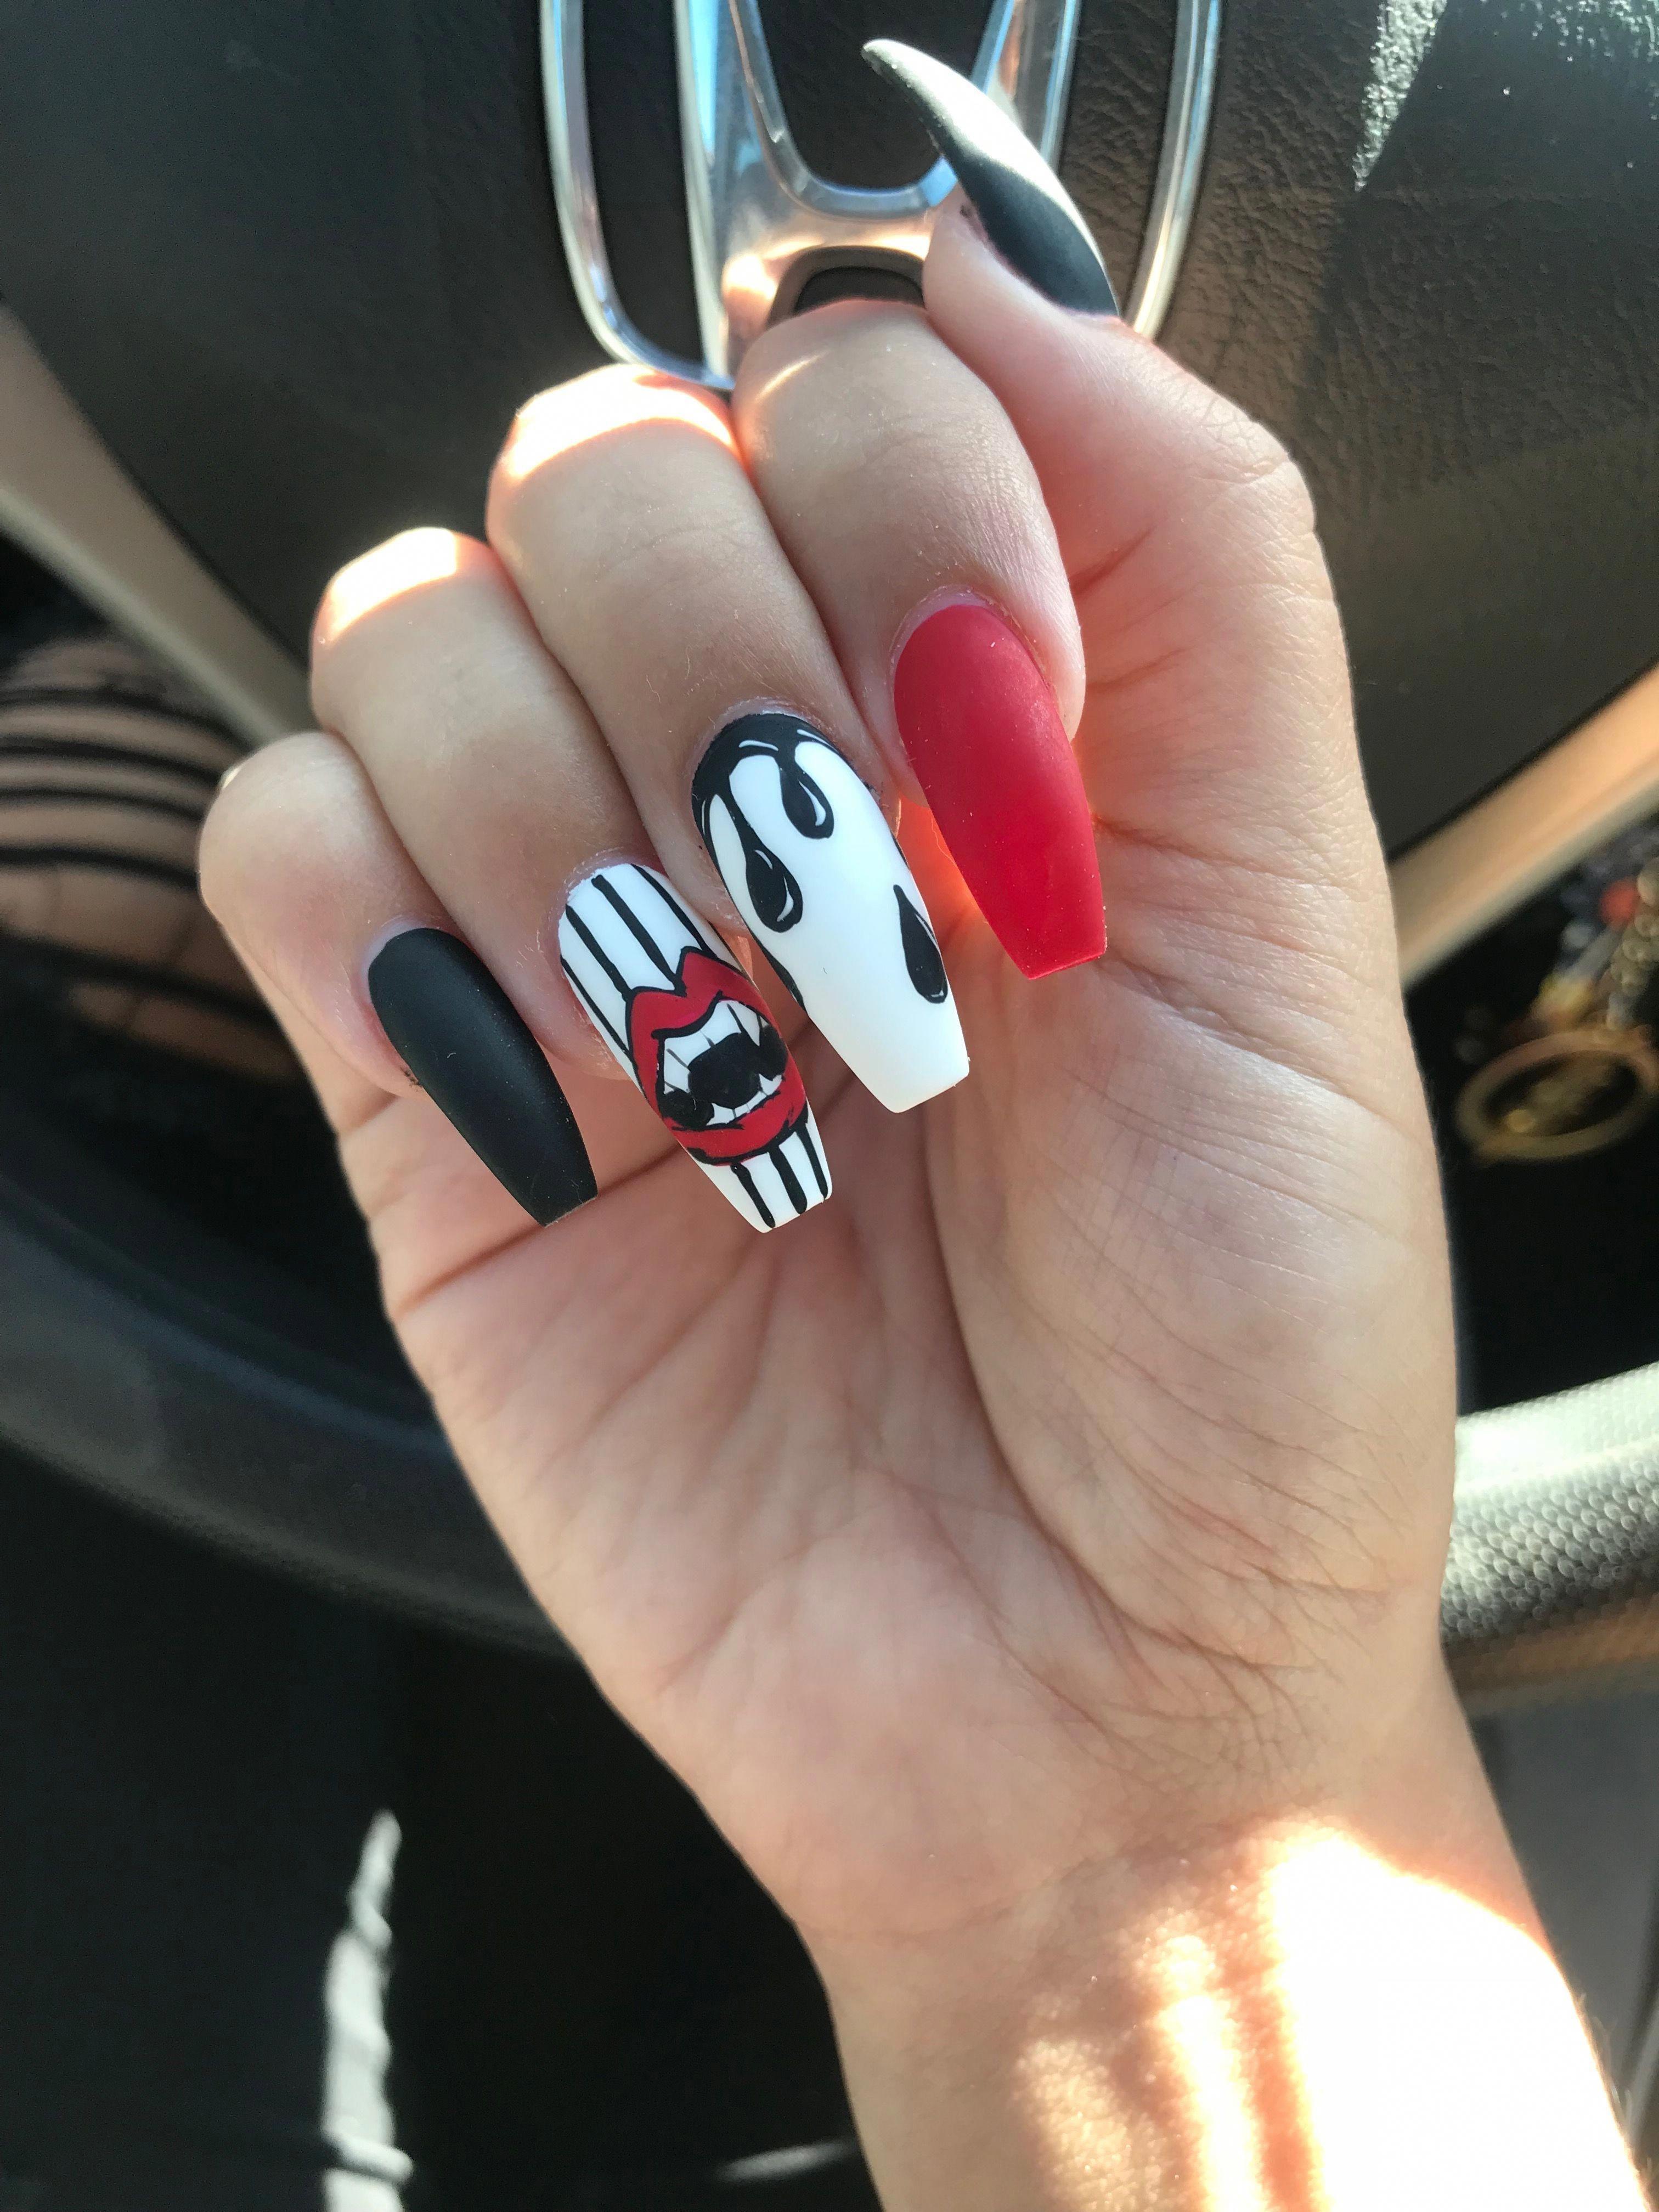 Halloween nails lip nail art coffin nails blood drip nails ...